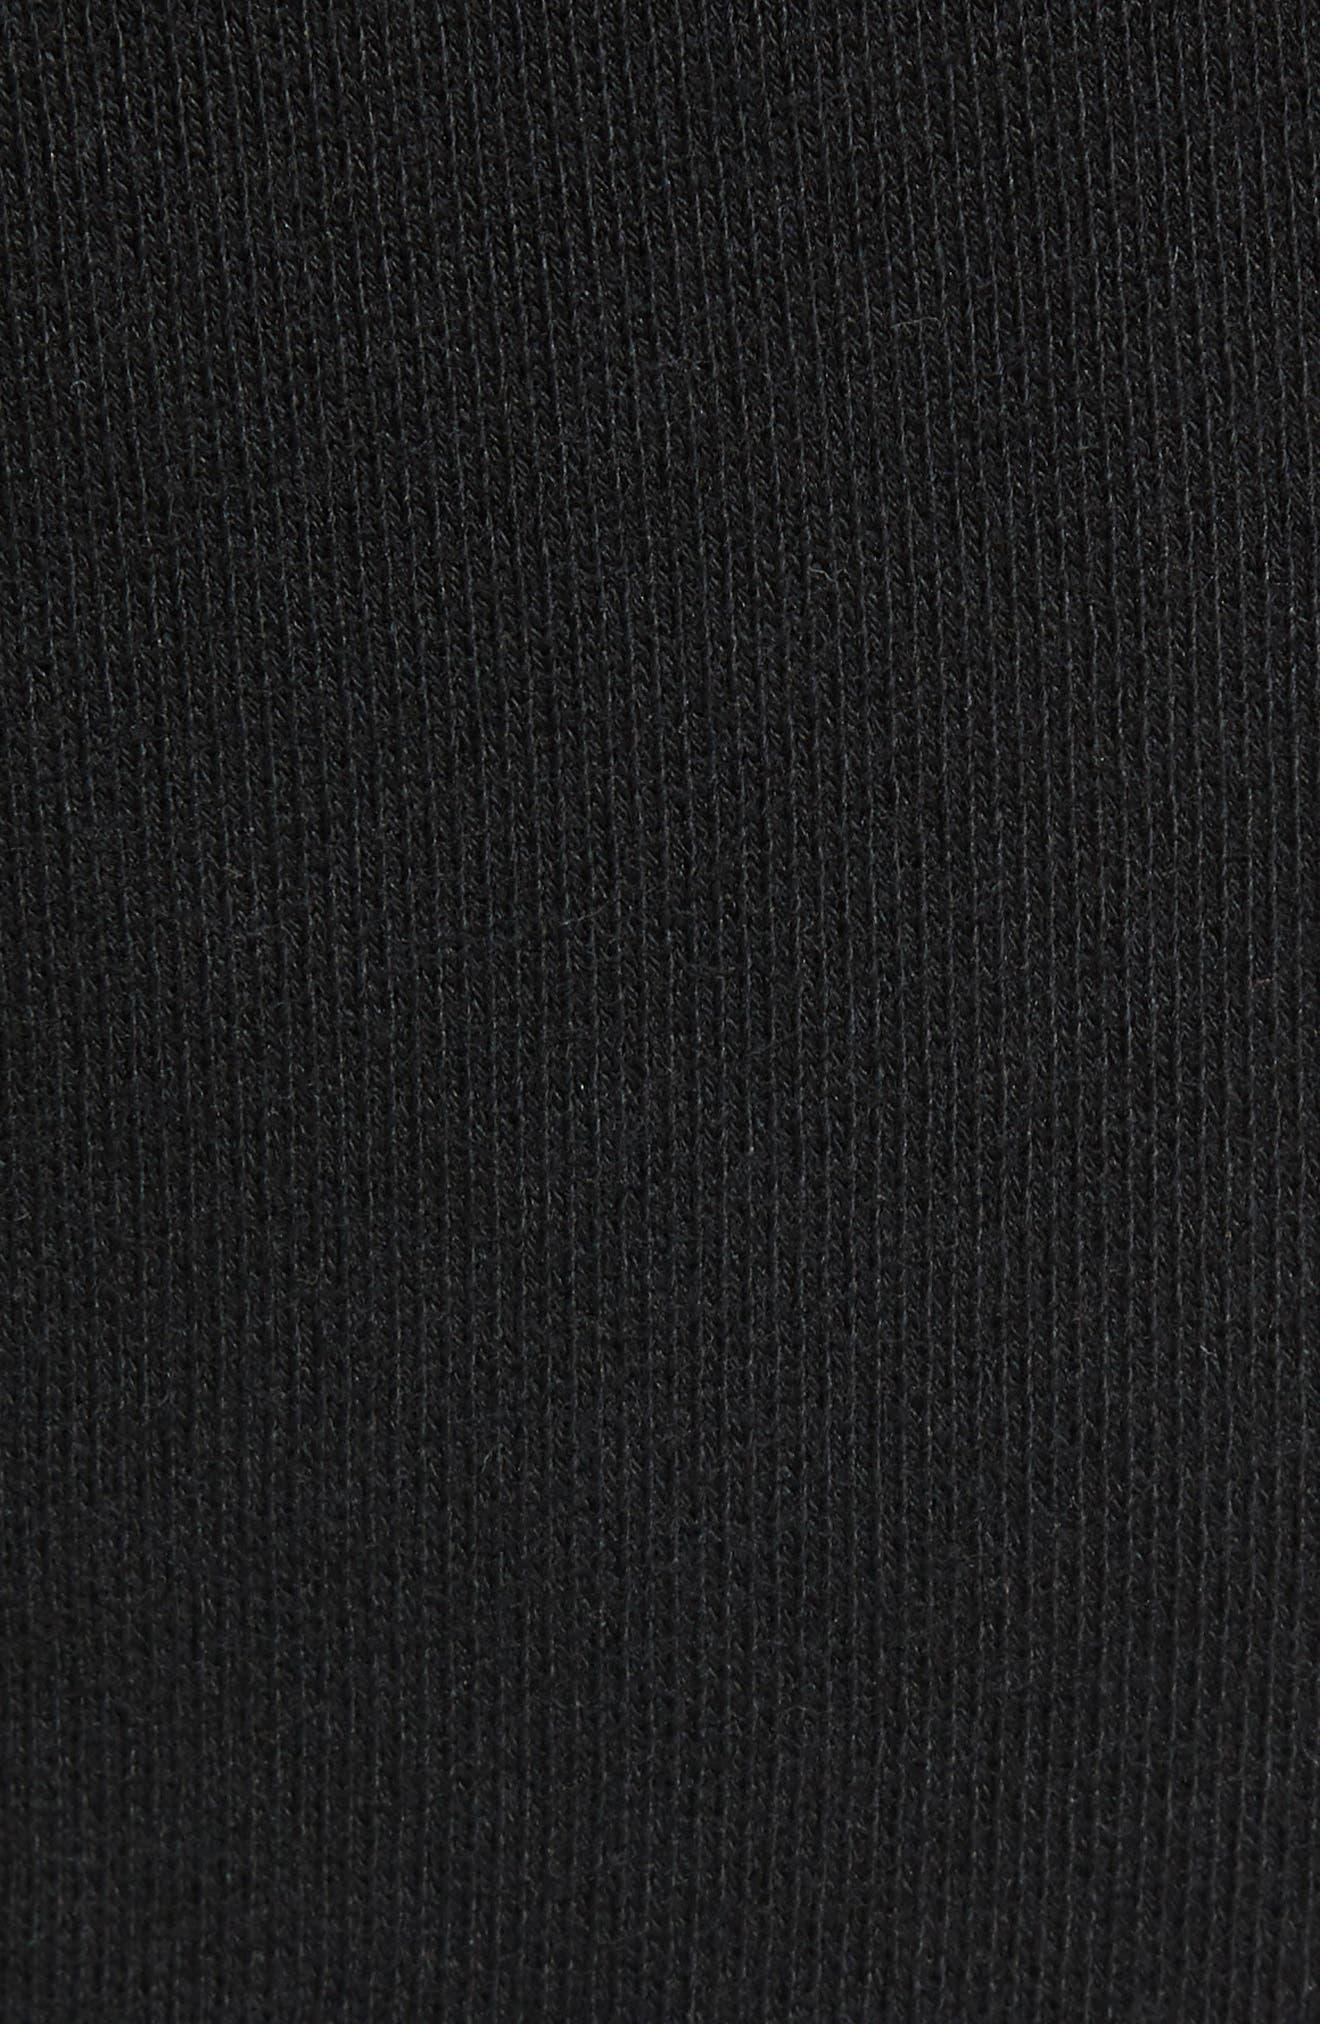 Drop Sweatpants,                             Alternate thumbnail 5, color,                             001